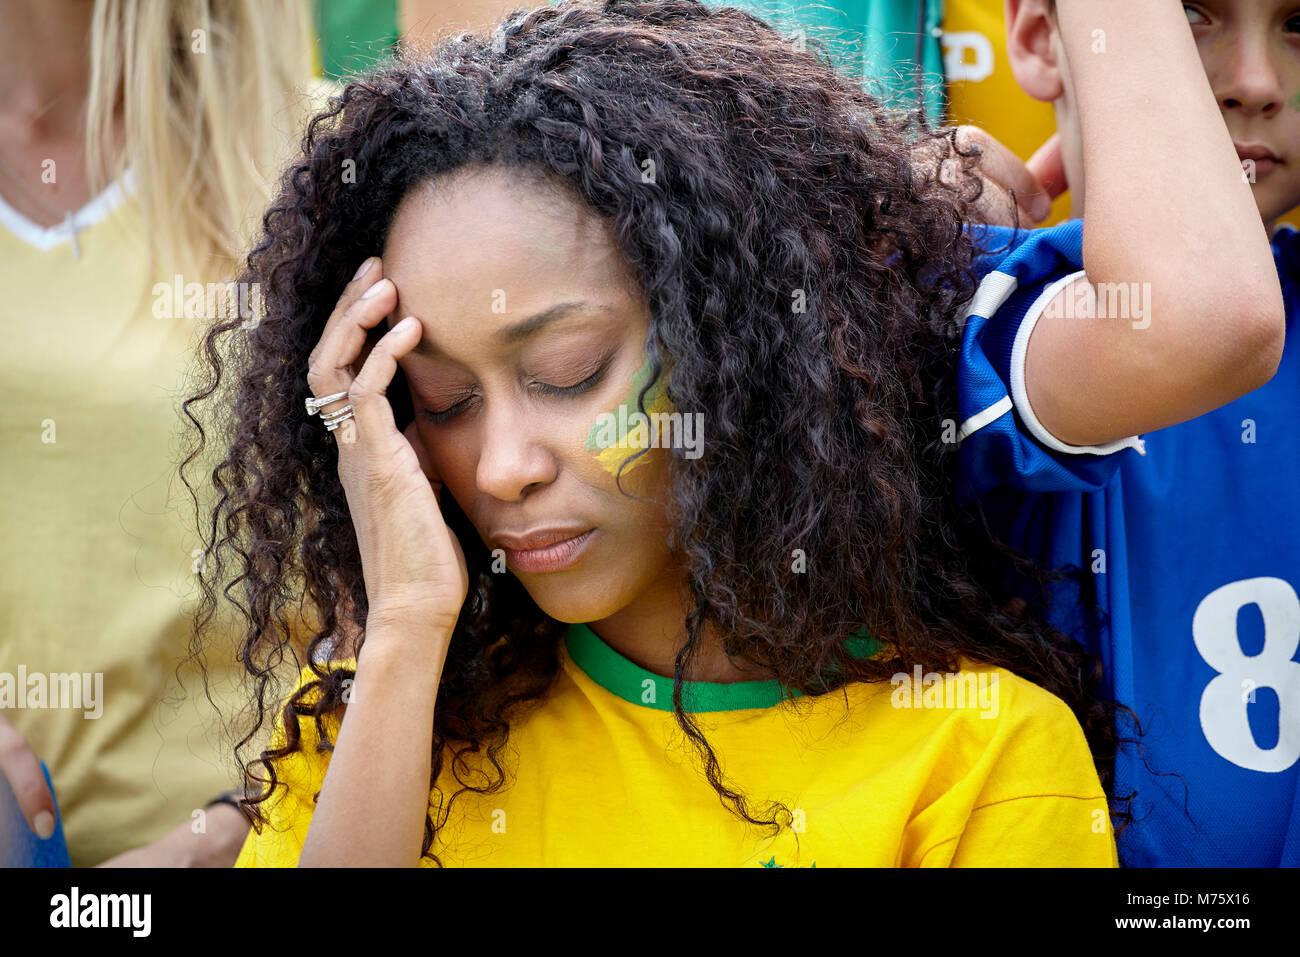 Frau mit Kopf in Enttäuschung bei brasilianischen Fußball Stockbild